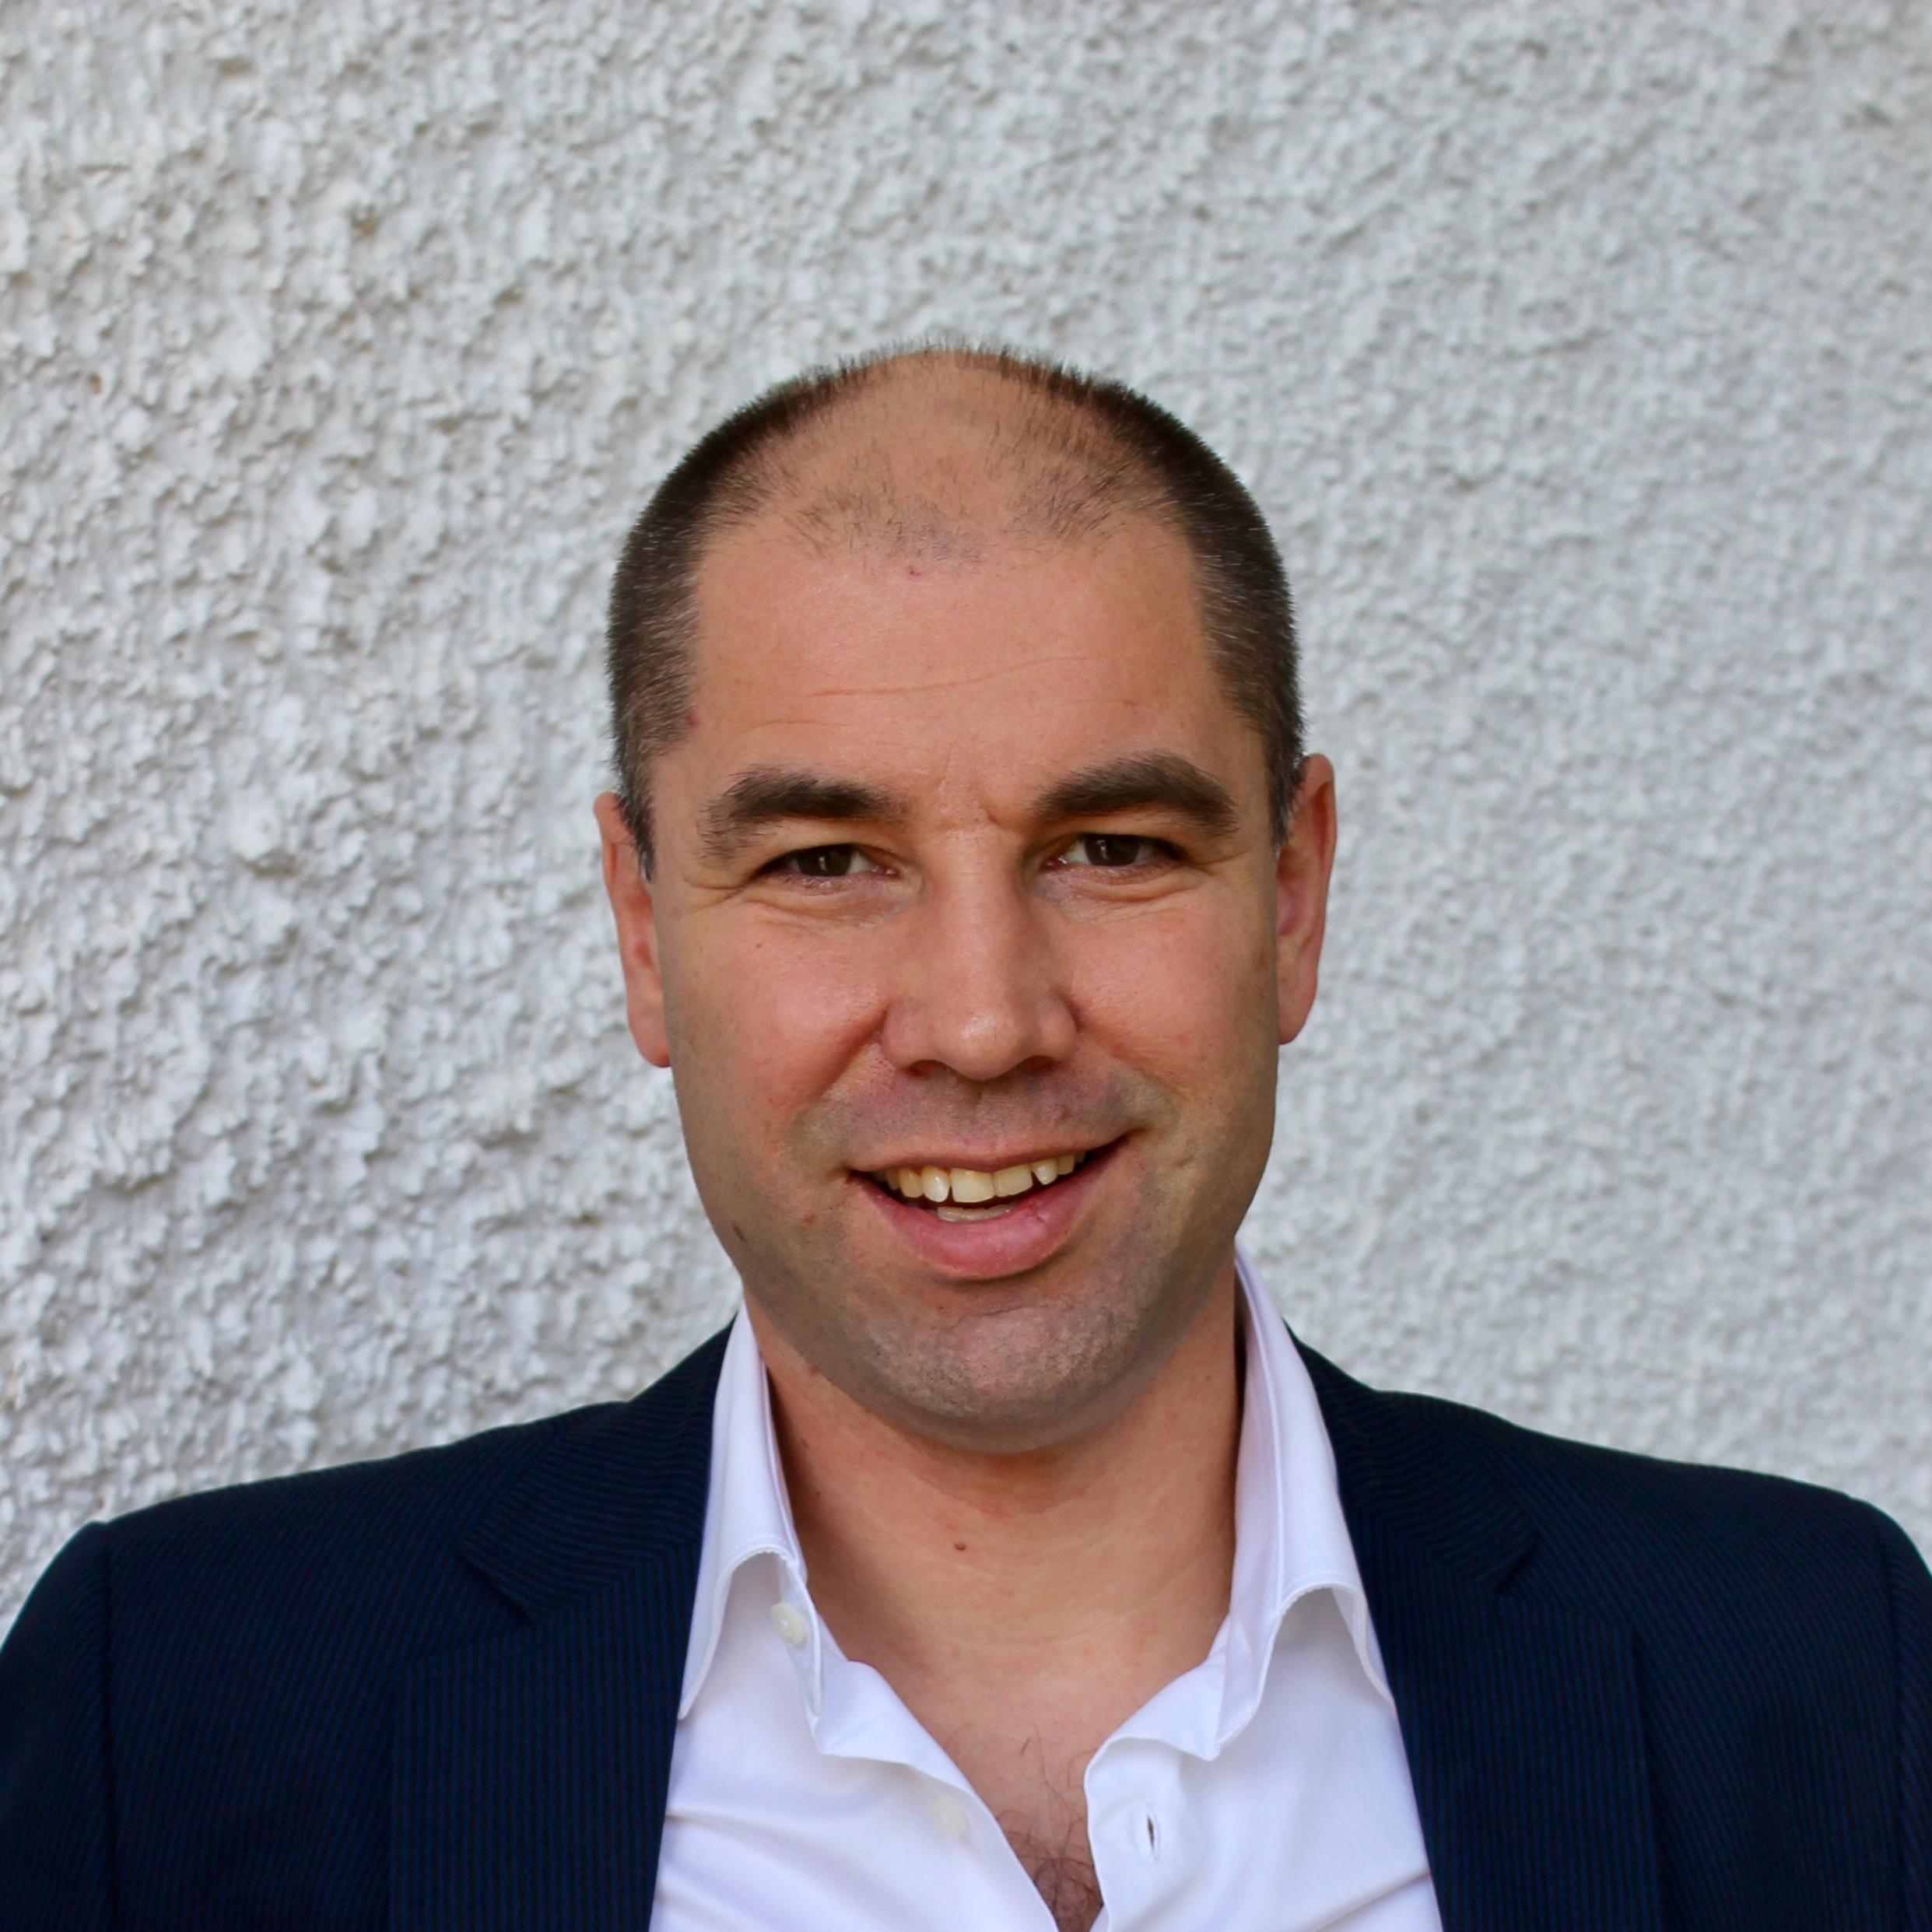 Rick van der Mieden